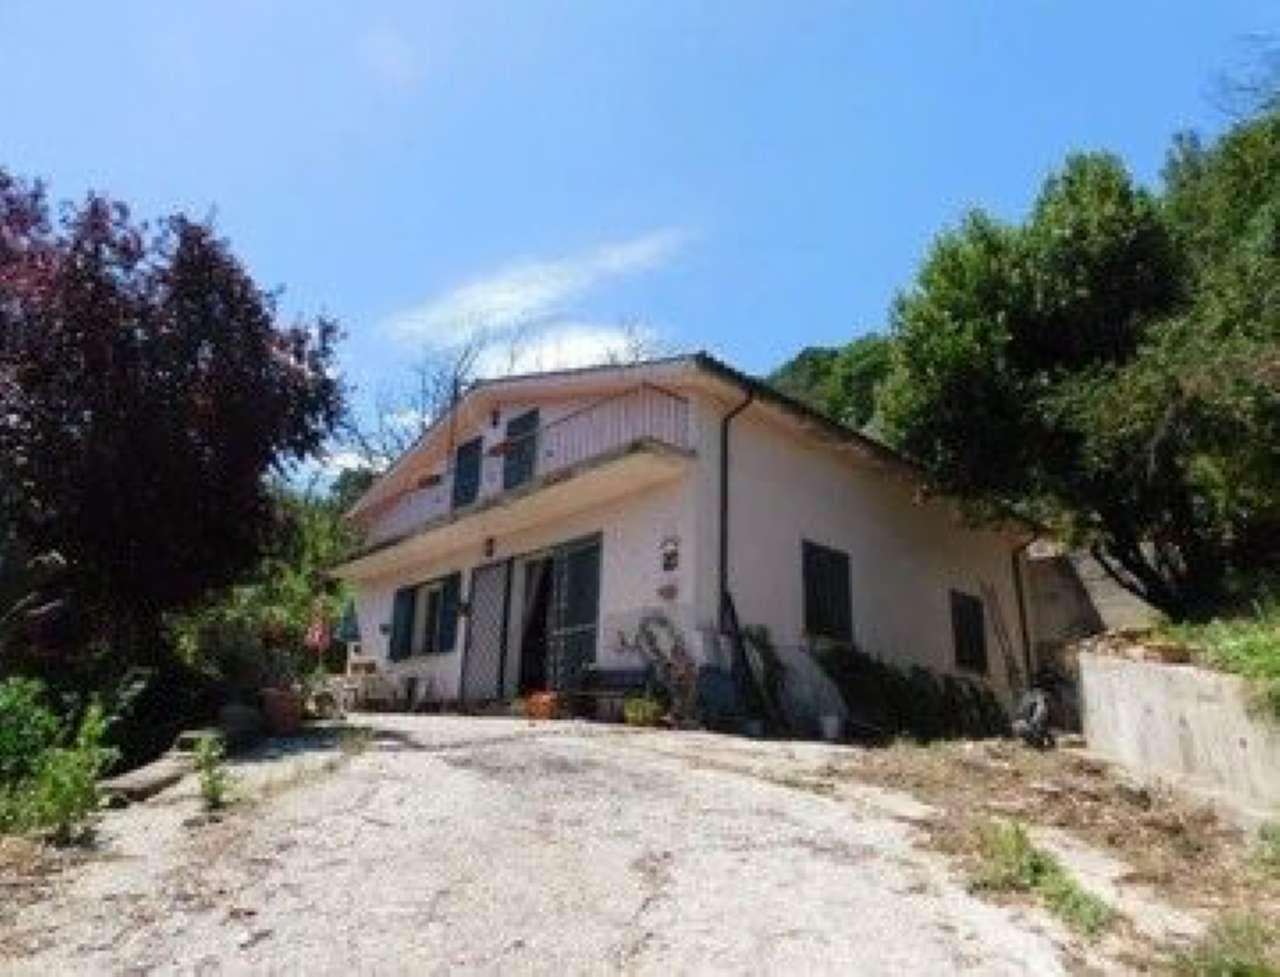 Villa in vendita a Castelnuovo di Porto, 5 locali, prezzo € 130.000 | CambioCasa.it